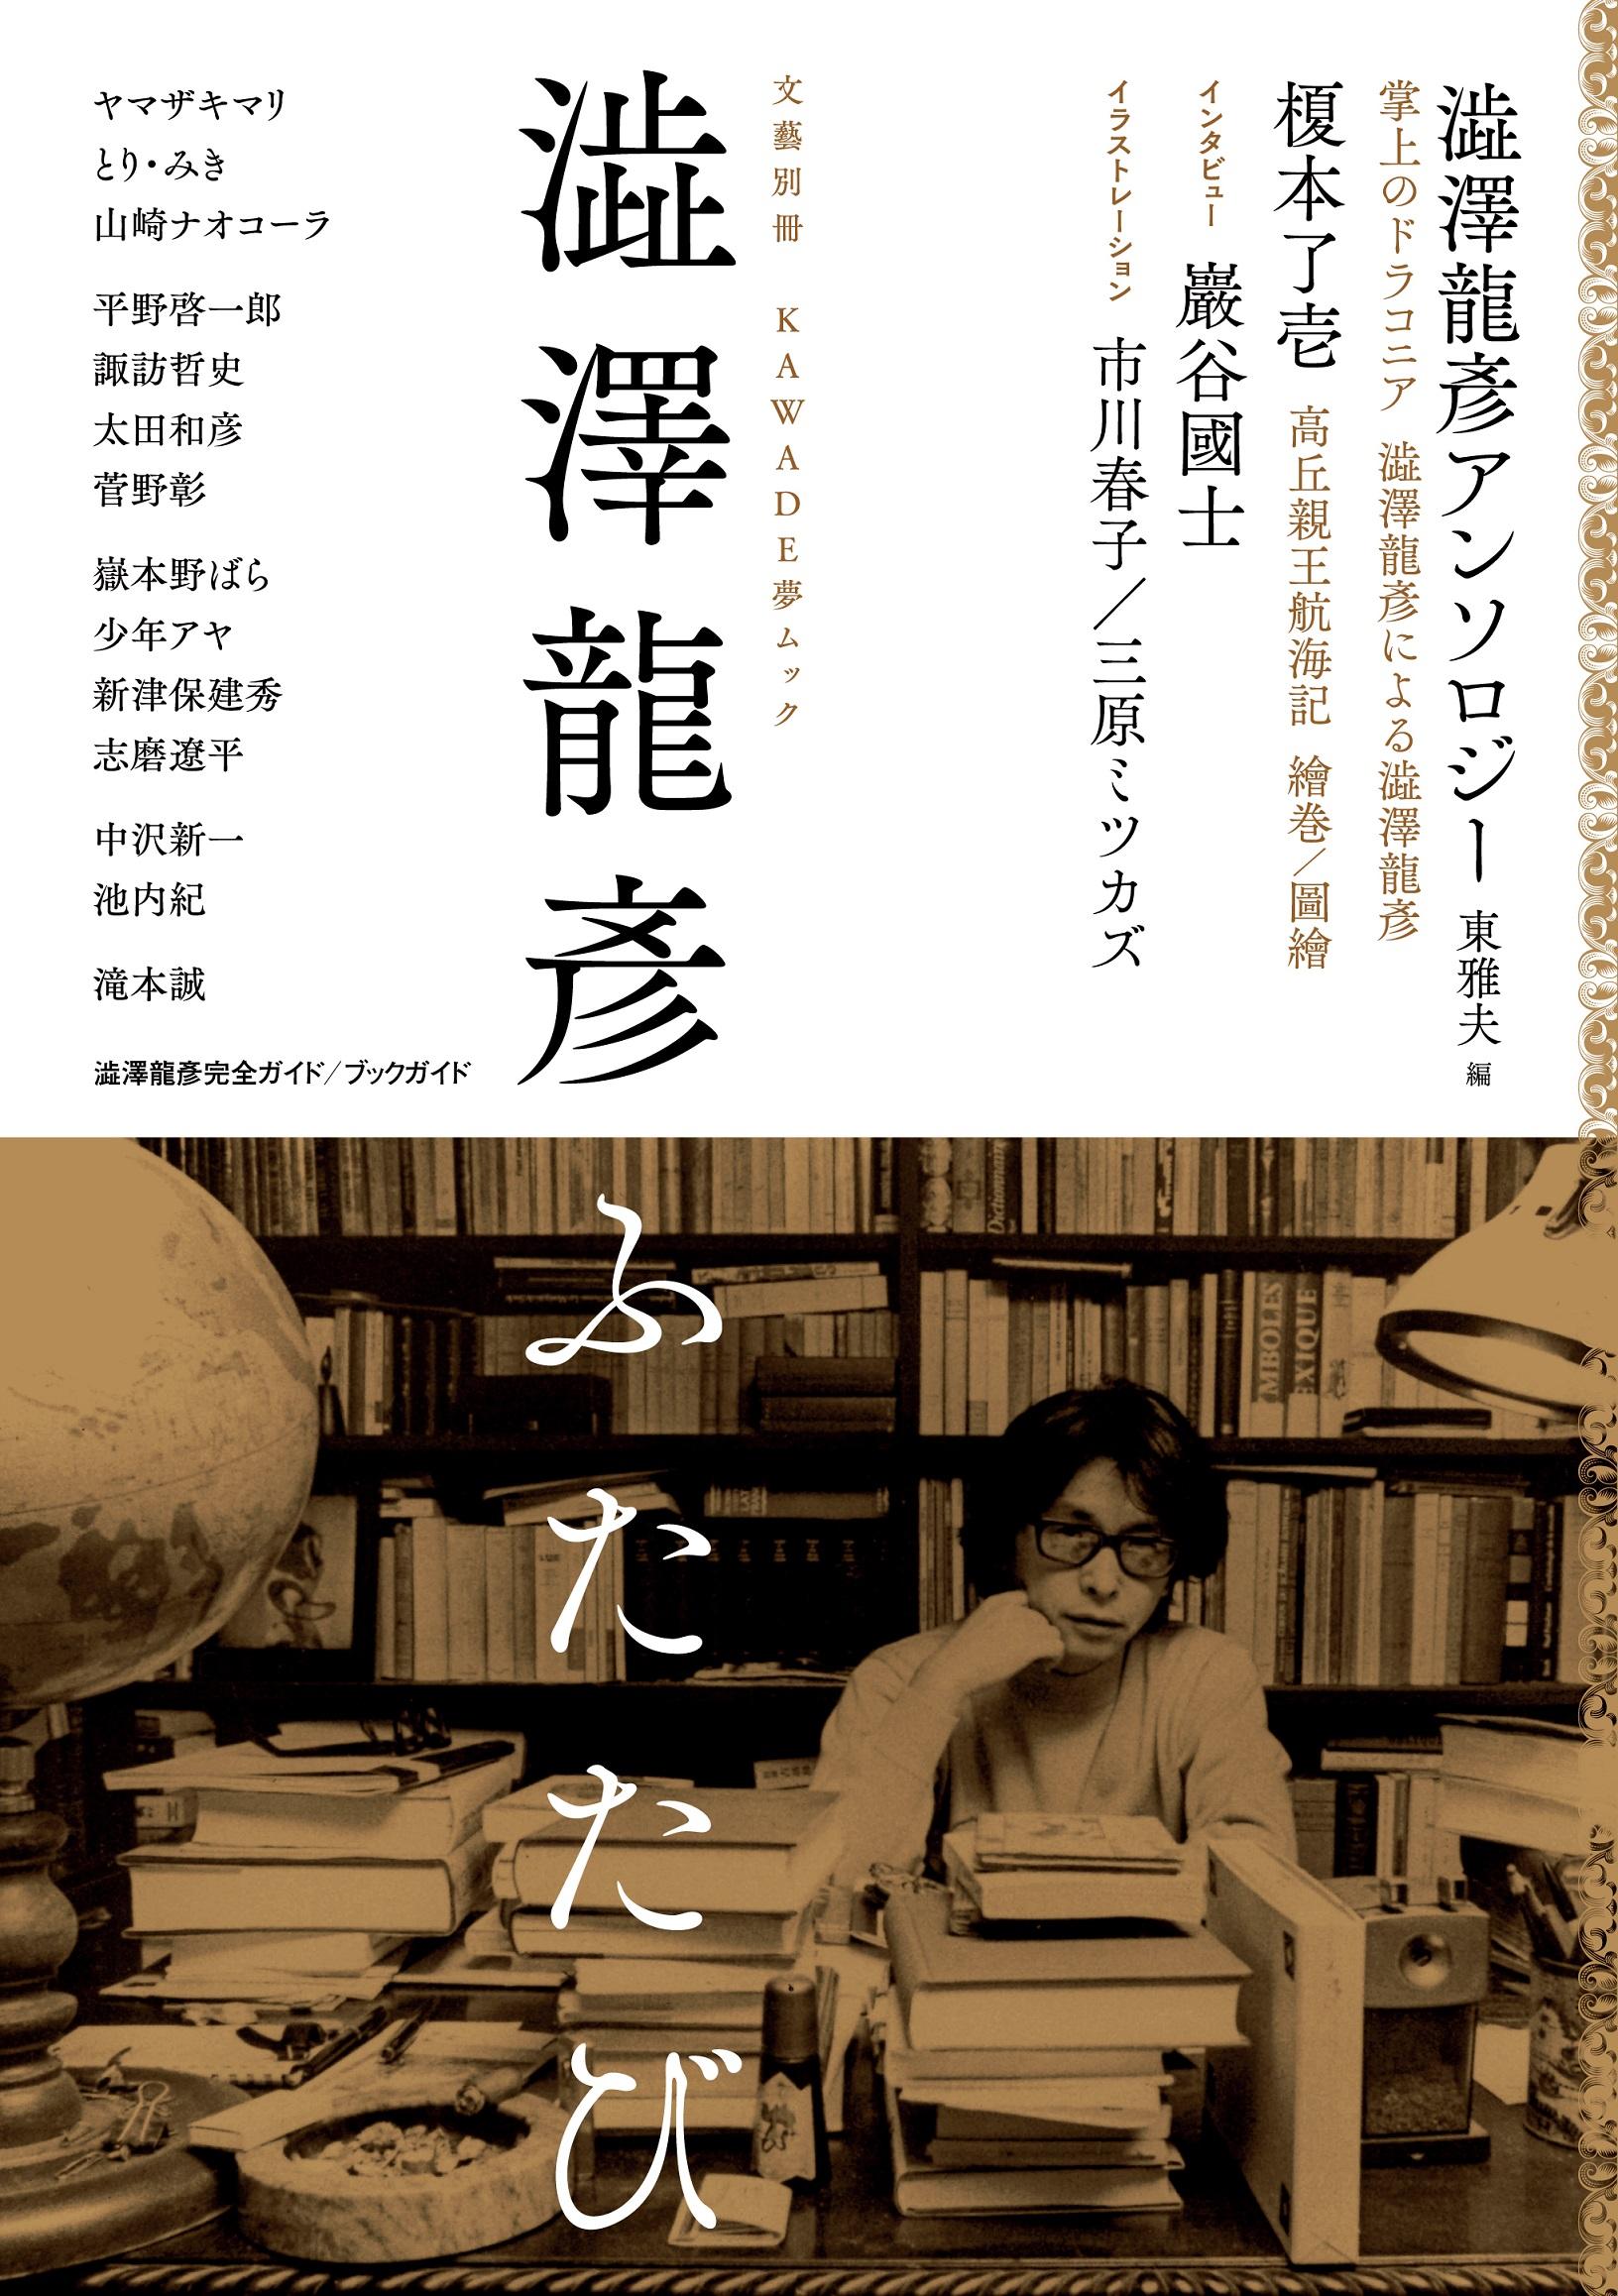 龍彦 澁澤 京都で最も入りにくい古書店 澁澤龍彦らが集った「異端の牙城」とは|文化・ライフ|地域のニュース|京都新聞